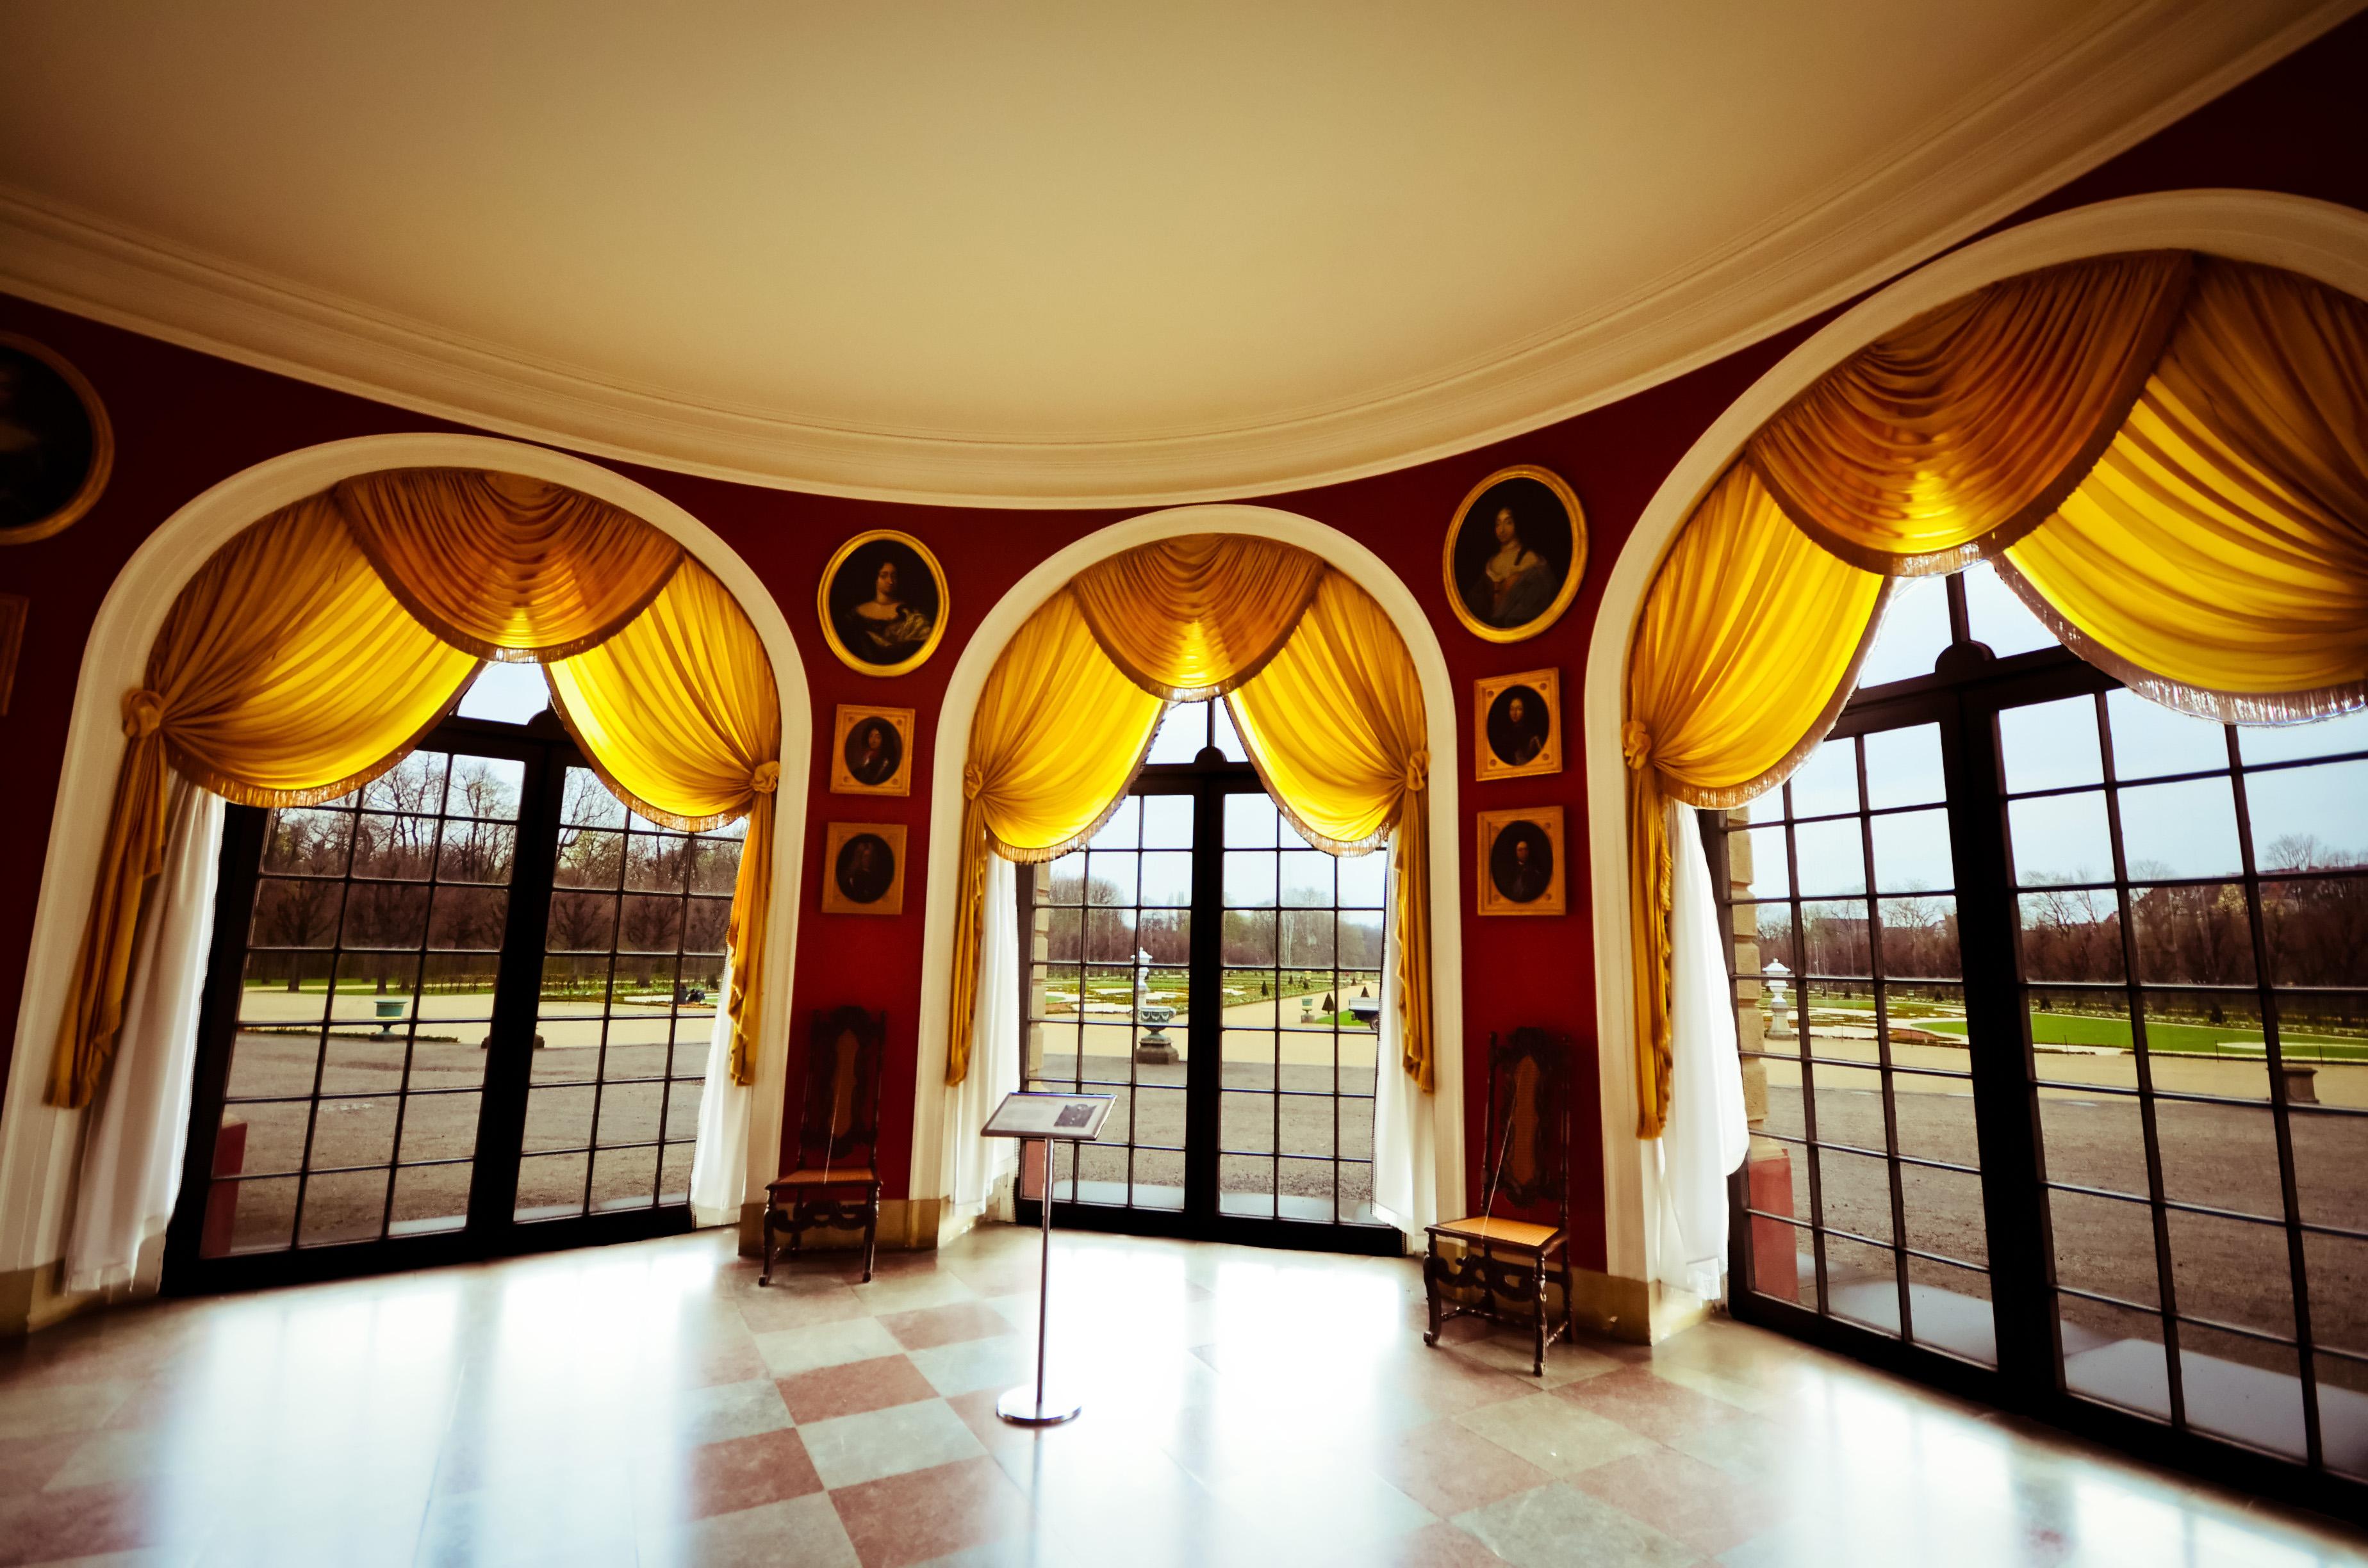 Kostenlose foto : die Architektur, Villa, Fenster, Palast, Zuhause ...